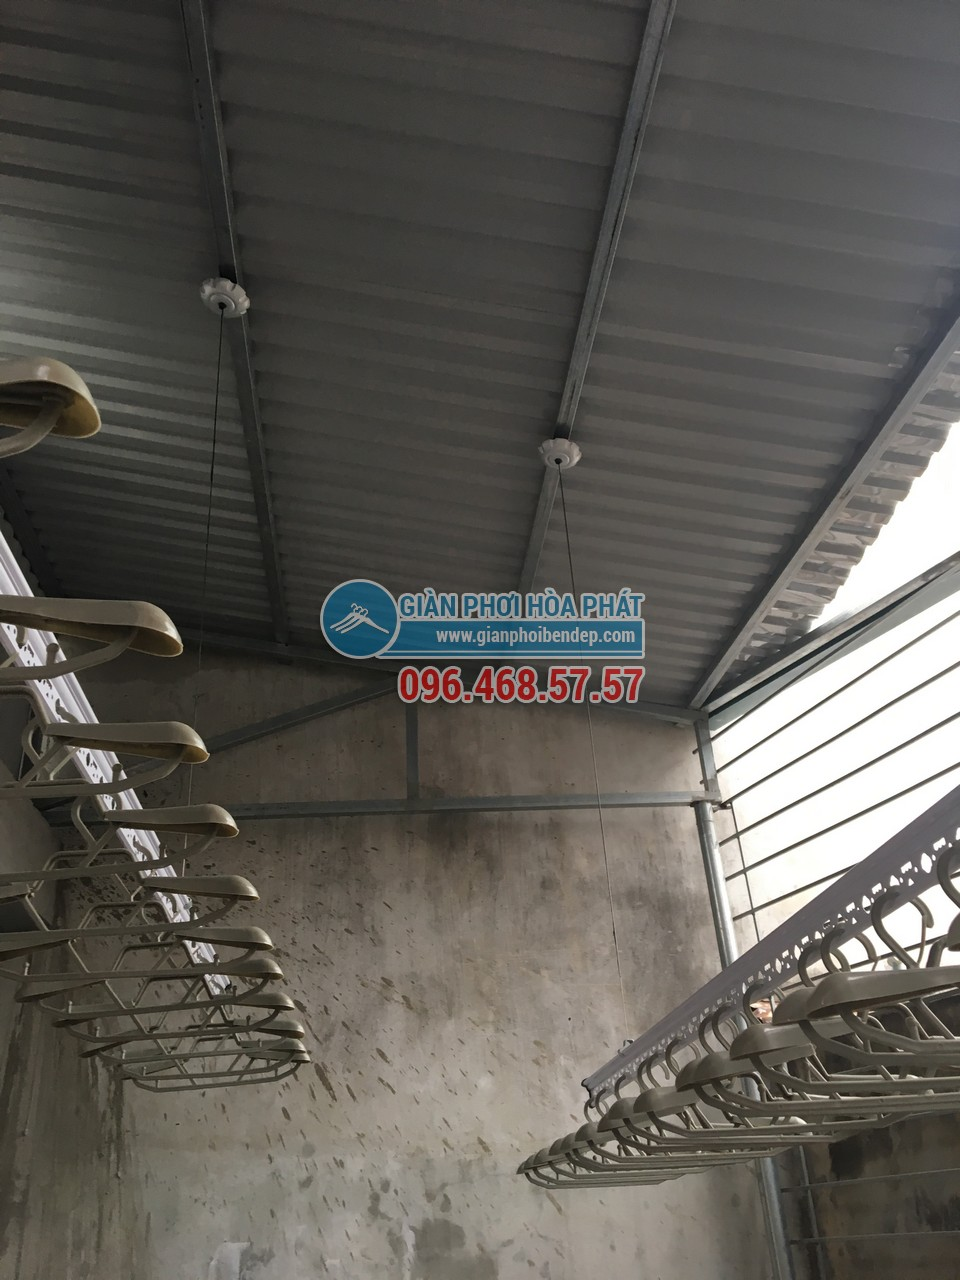 Lắp giàn phơi thông minh cho sân phơi bằng mái tôn nhà anh Chiến, Nguyễn Ngọc Nại - 03